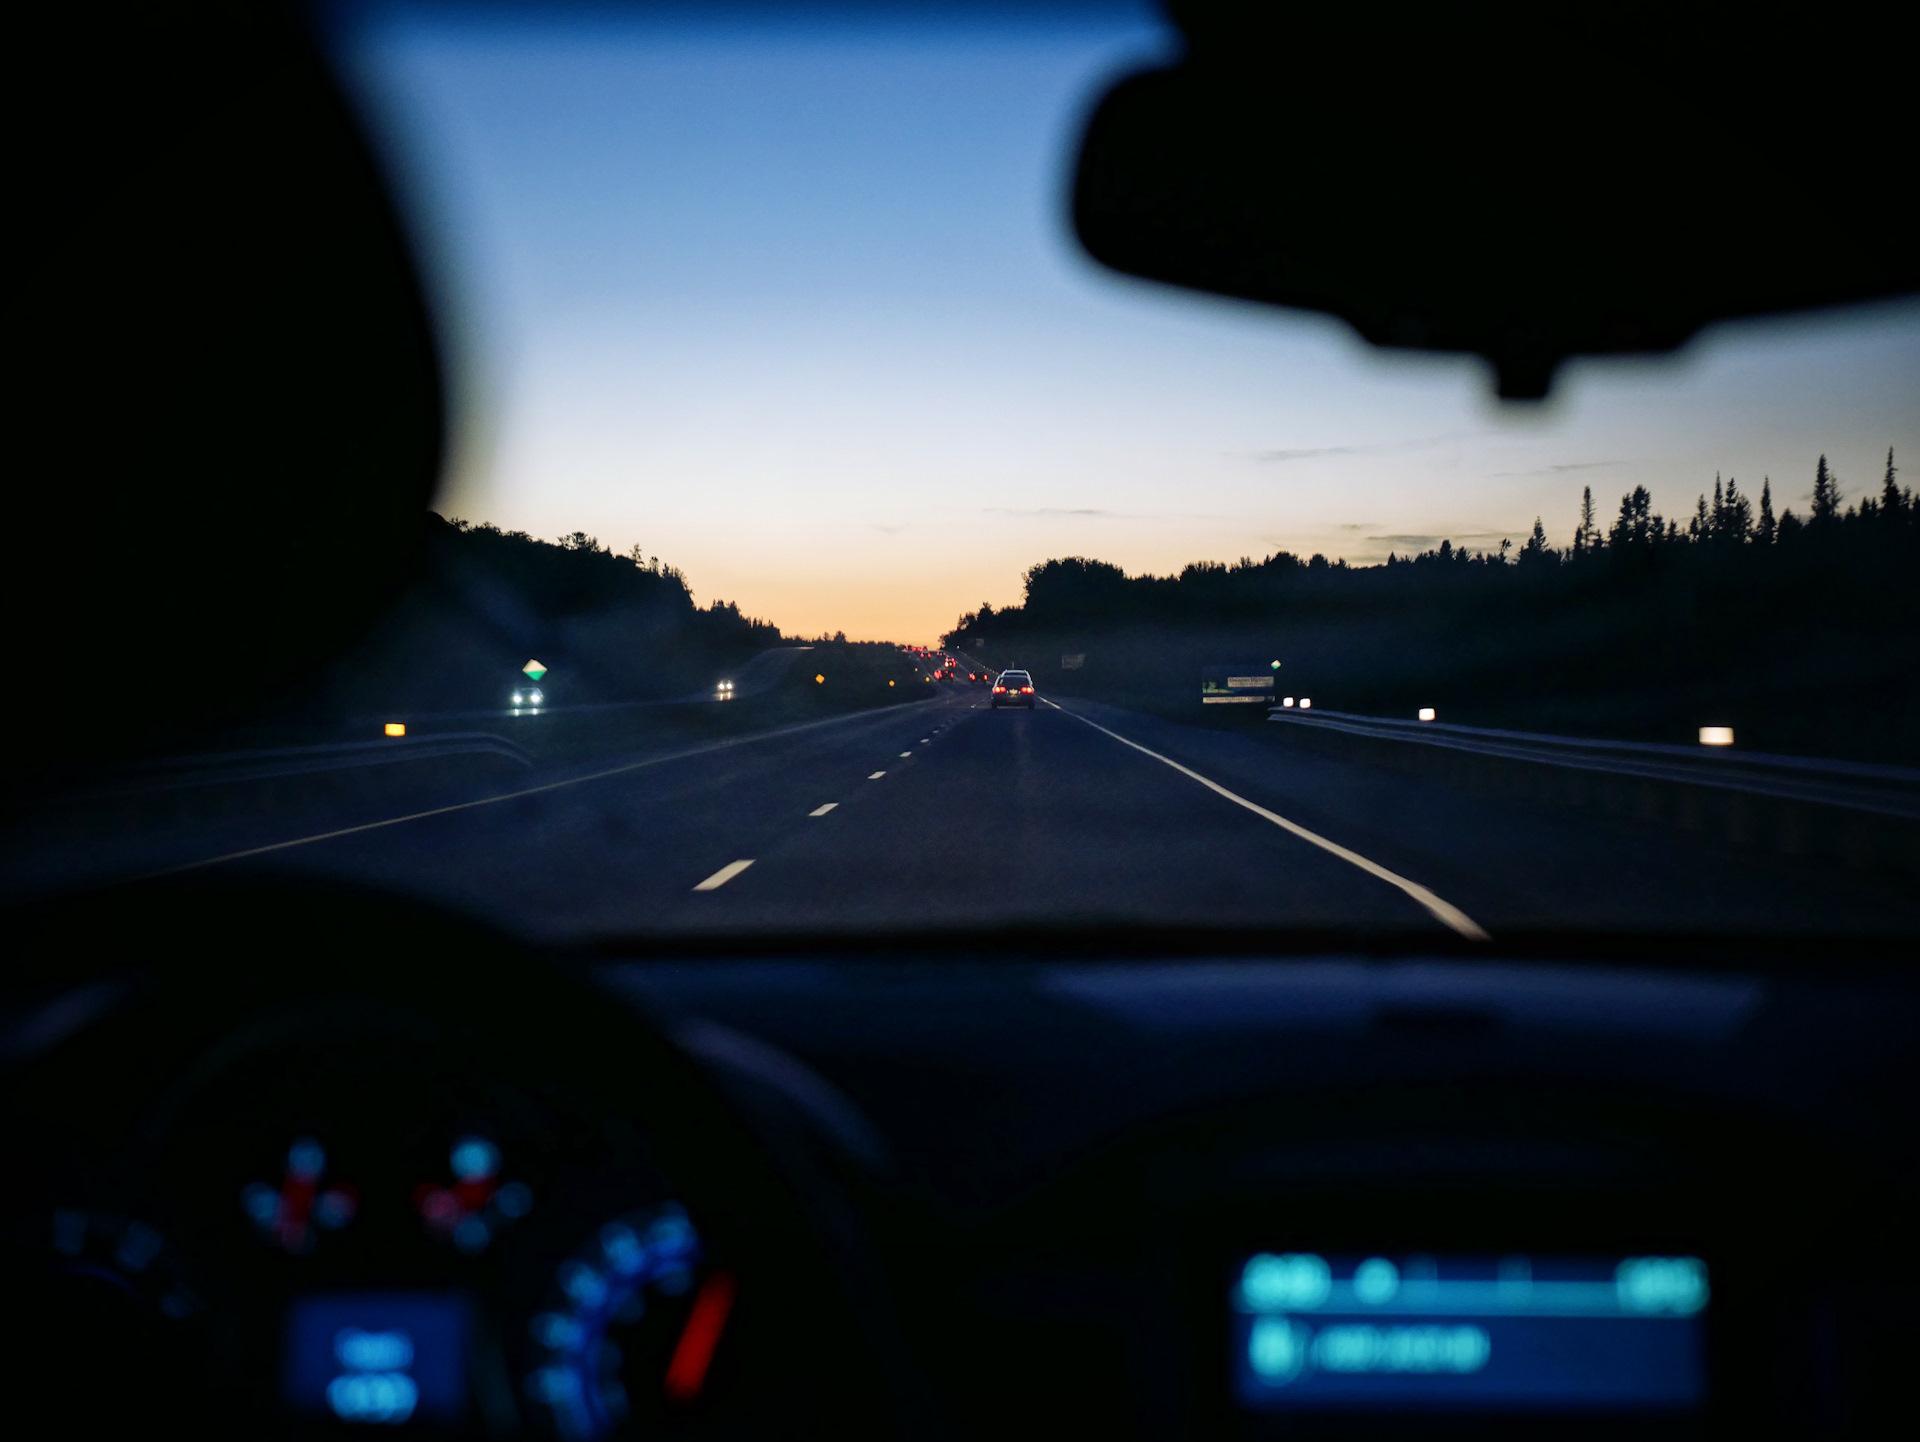 Картинки новым, картинки с машины на дорогу ночью